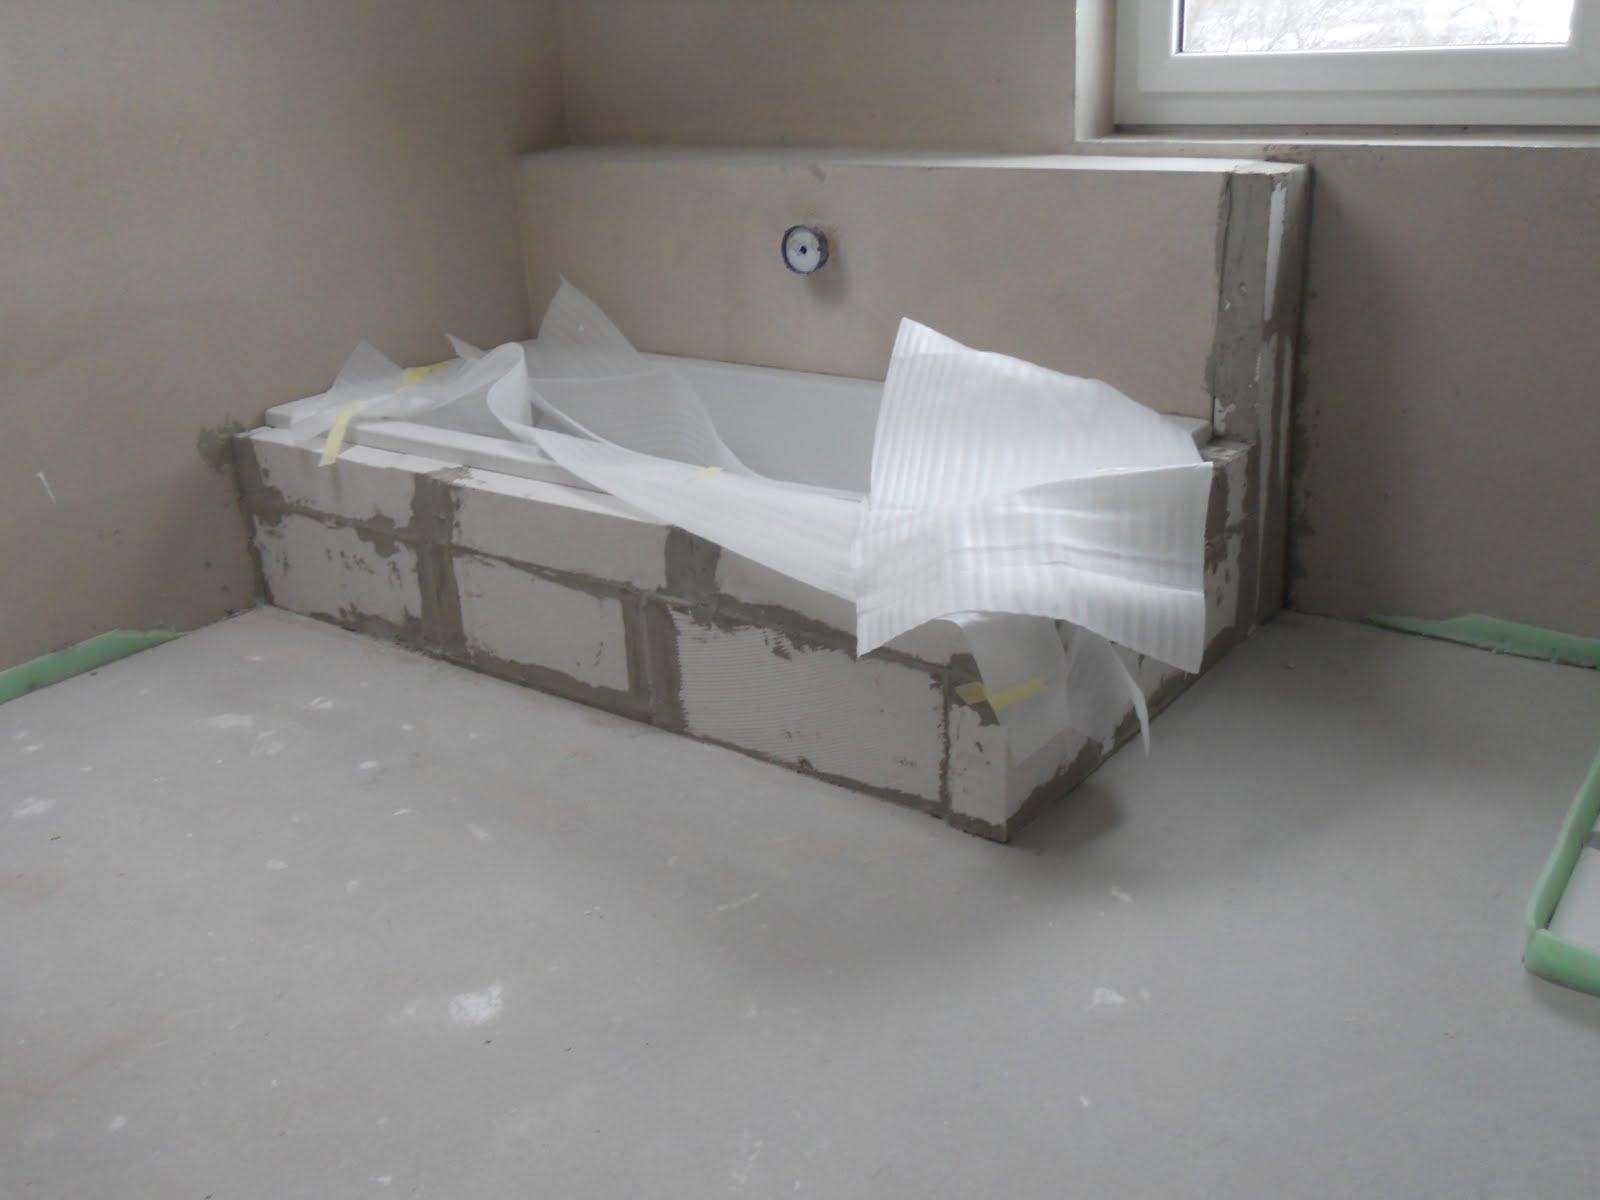 losert s traum vom haus tag 48 bagger und badezimmer. Black Bedroom Furniture Sets. Home Design Ideas